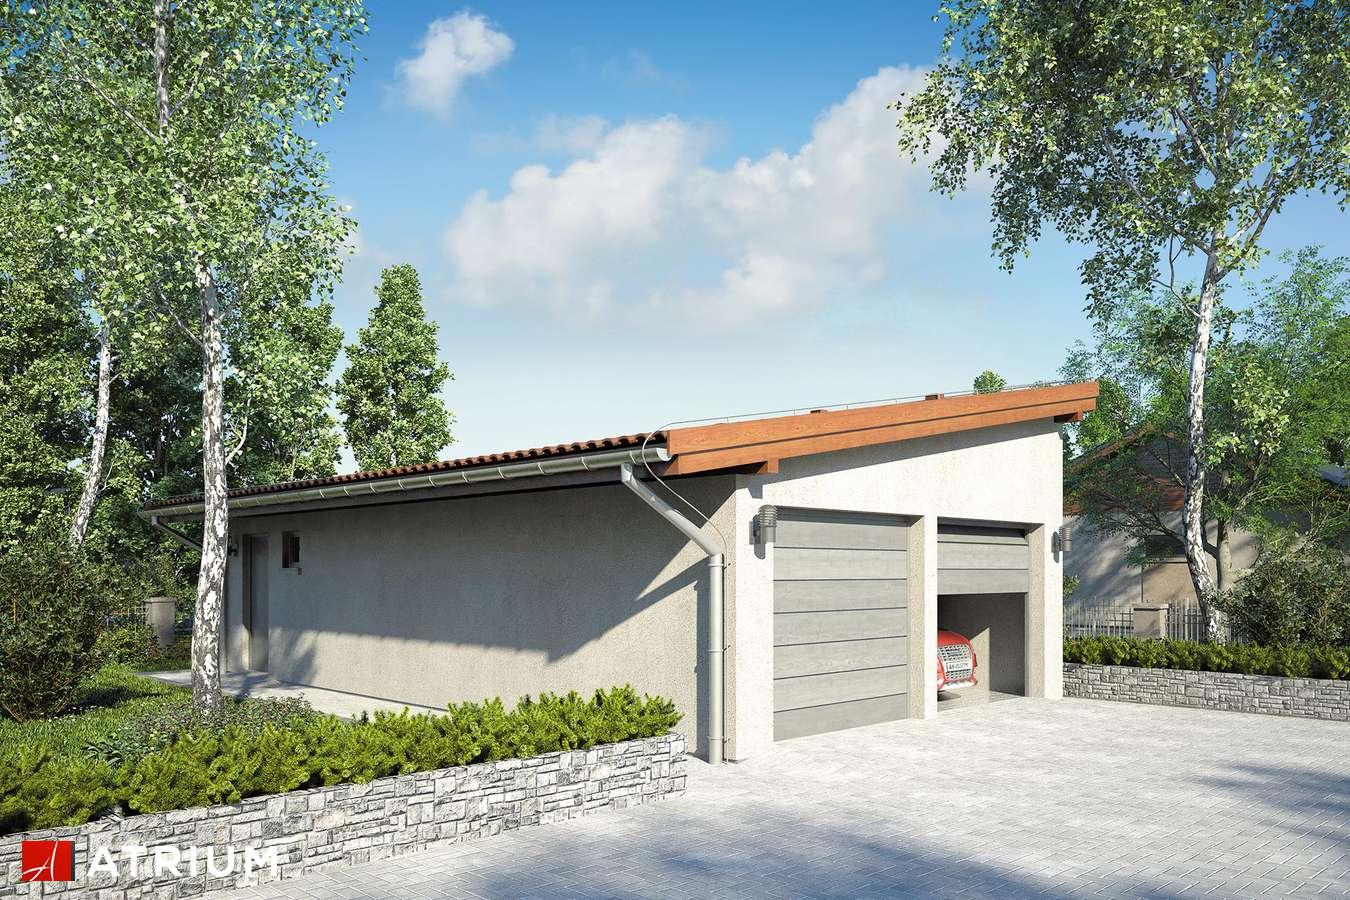 Garaż Z 15 - wizualizacja 2